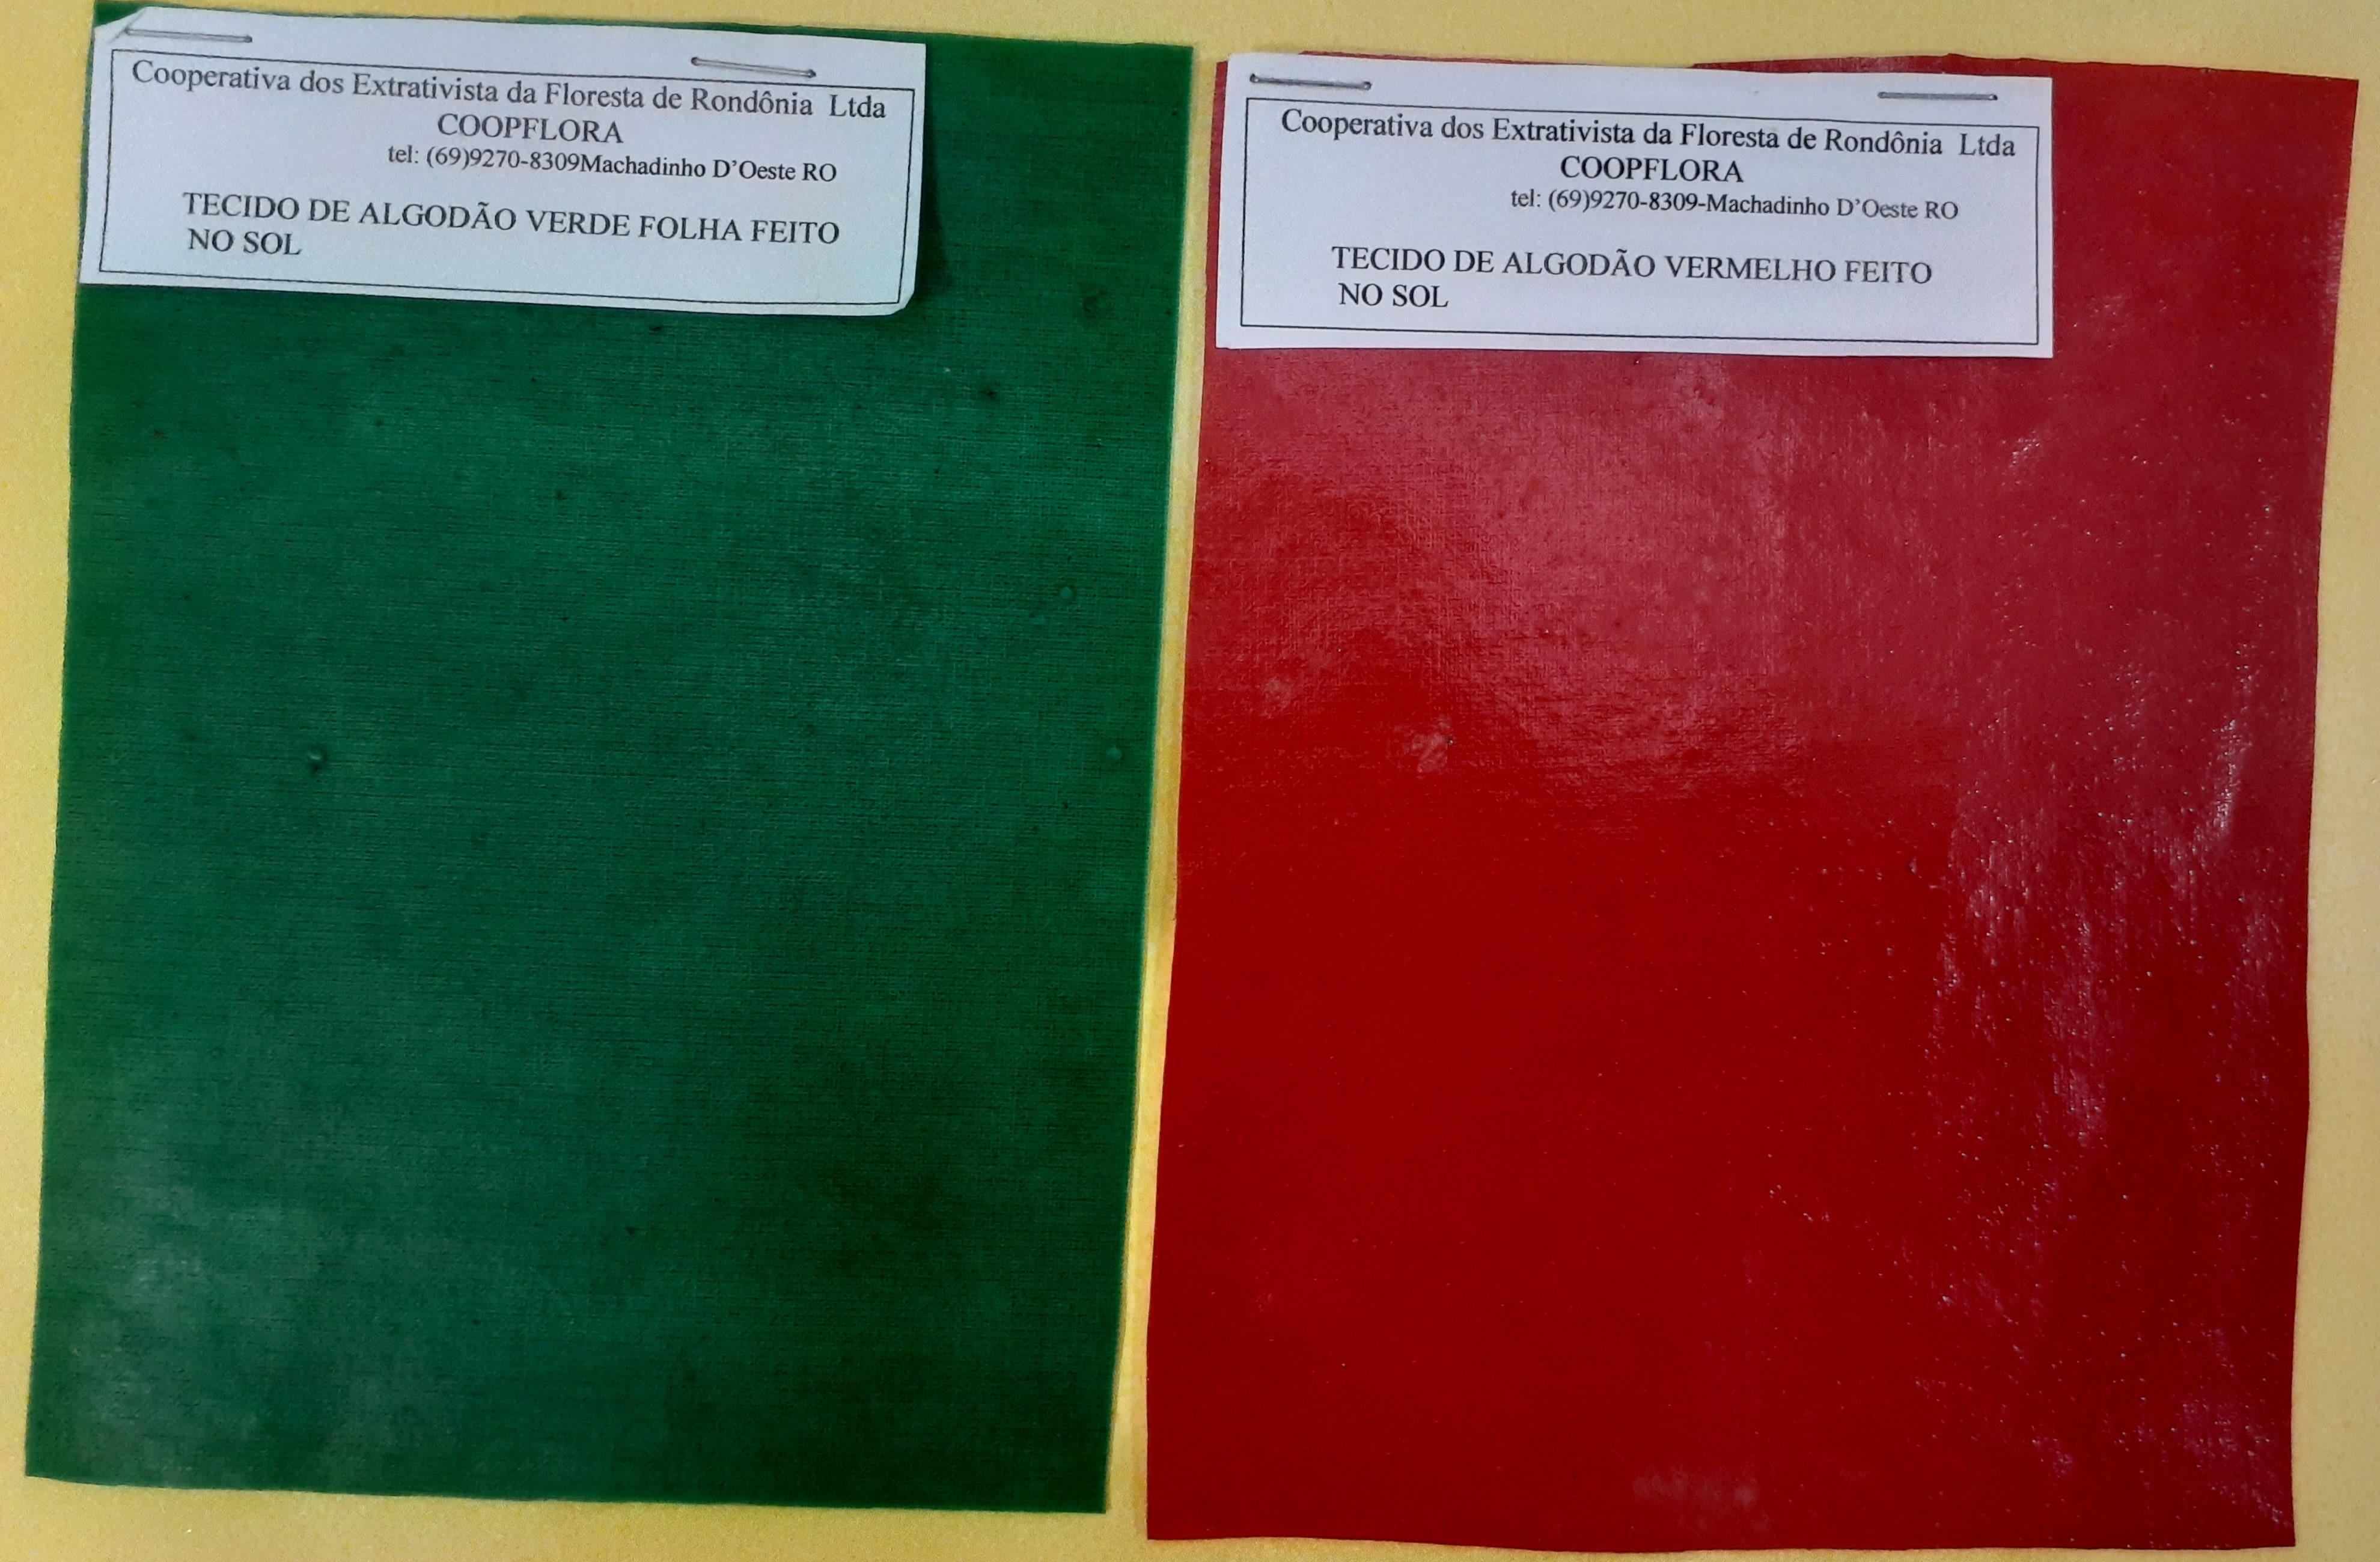 Tecidode algodão verde e vermelho feitos no sol. Camadas de látex são sobrepostas a uma camada de tecido de algodão. Fonte: seringueiros da COOPFLORA, em Machadinho D'Oeste.